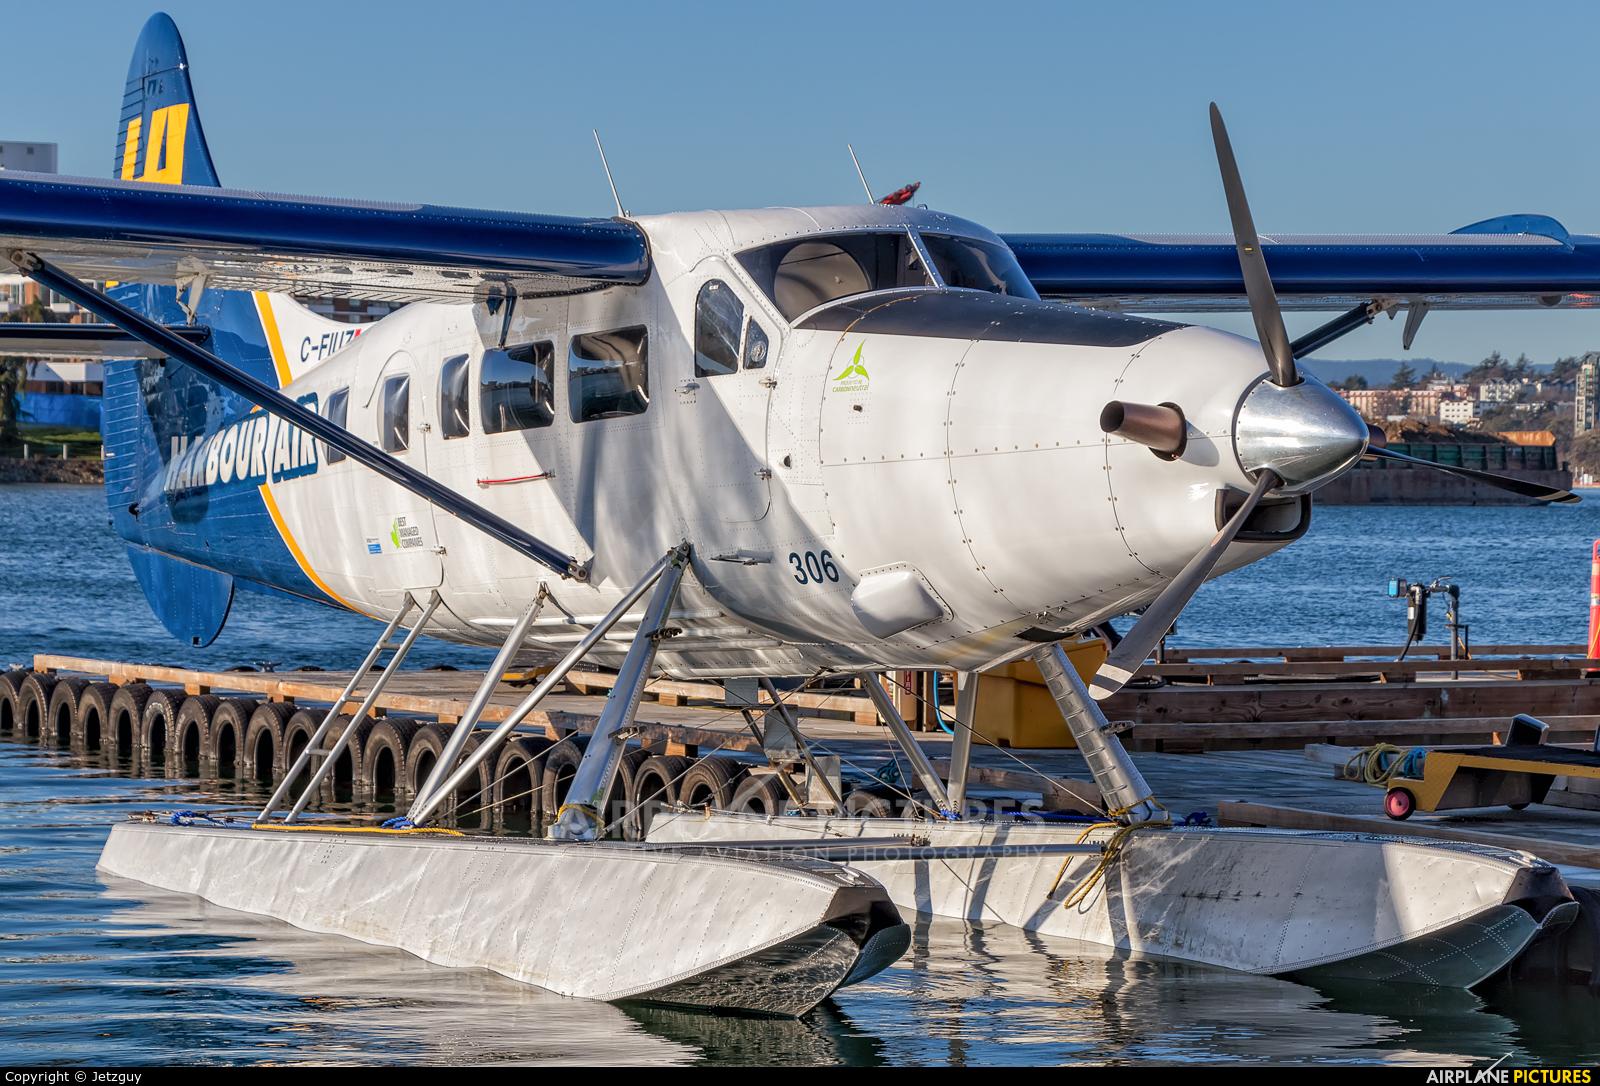 Harbour Air C-FIUZ aircraft at Victoria Harbour, BC